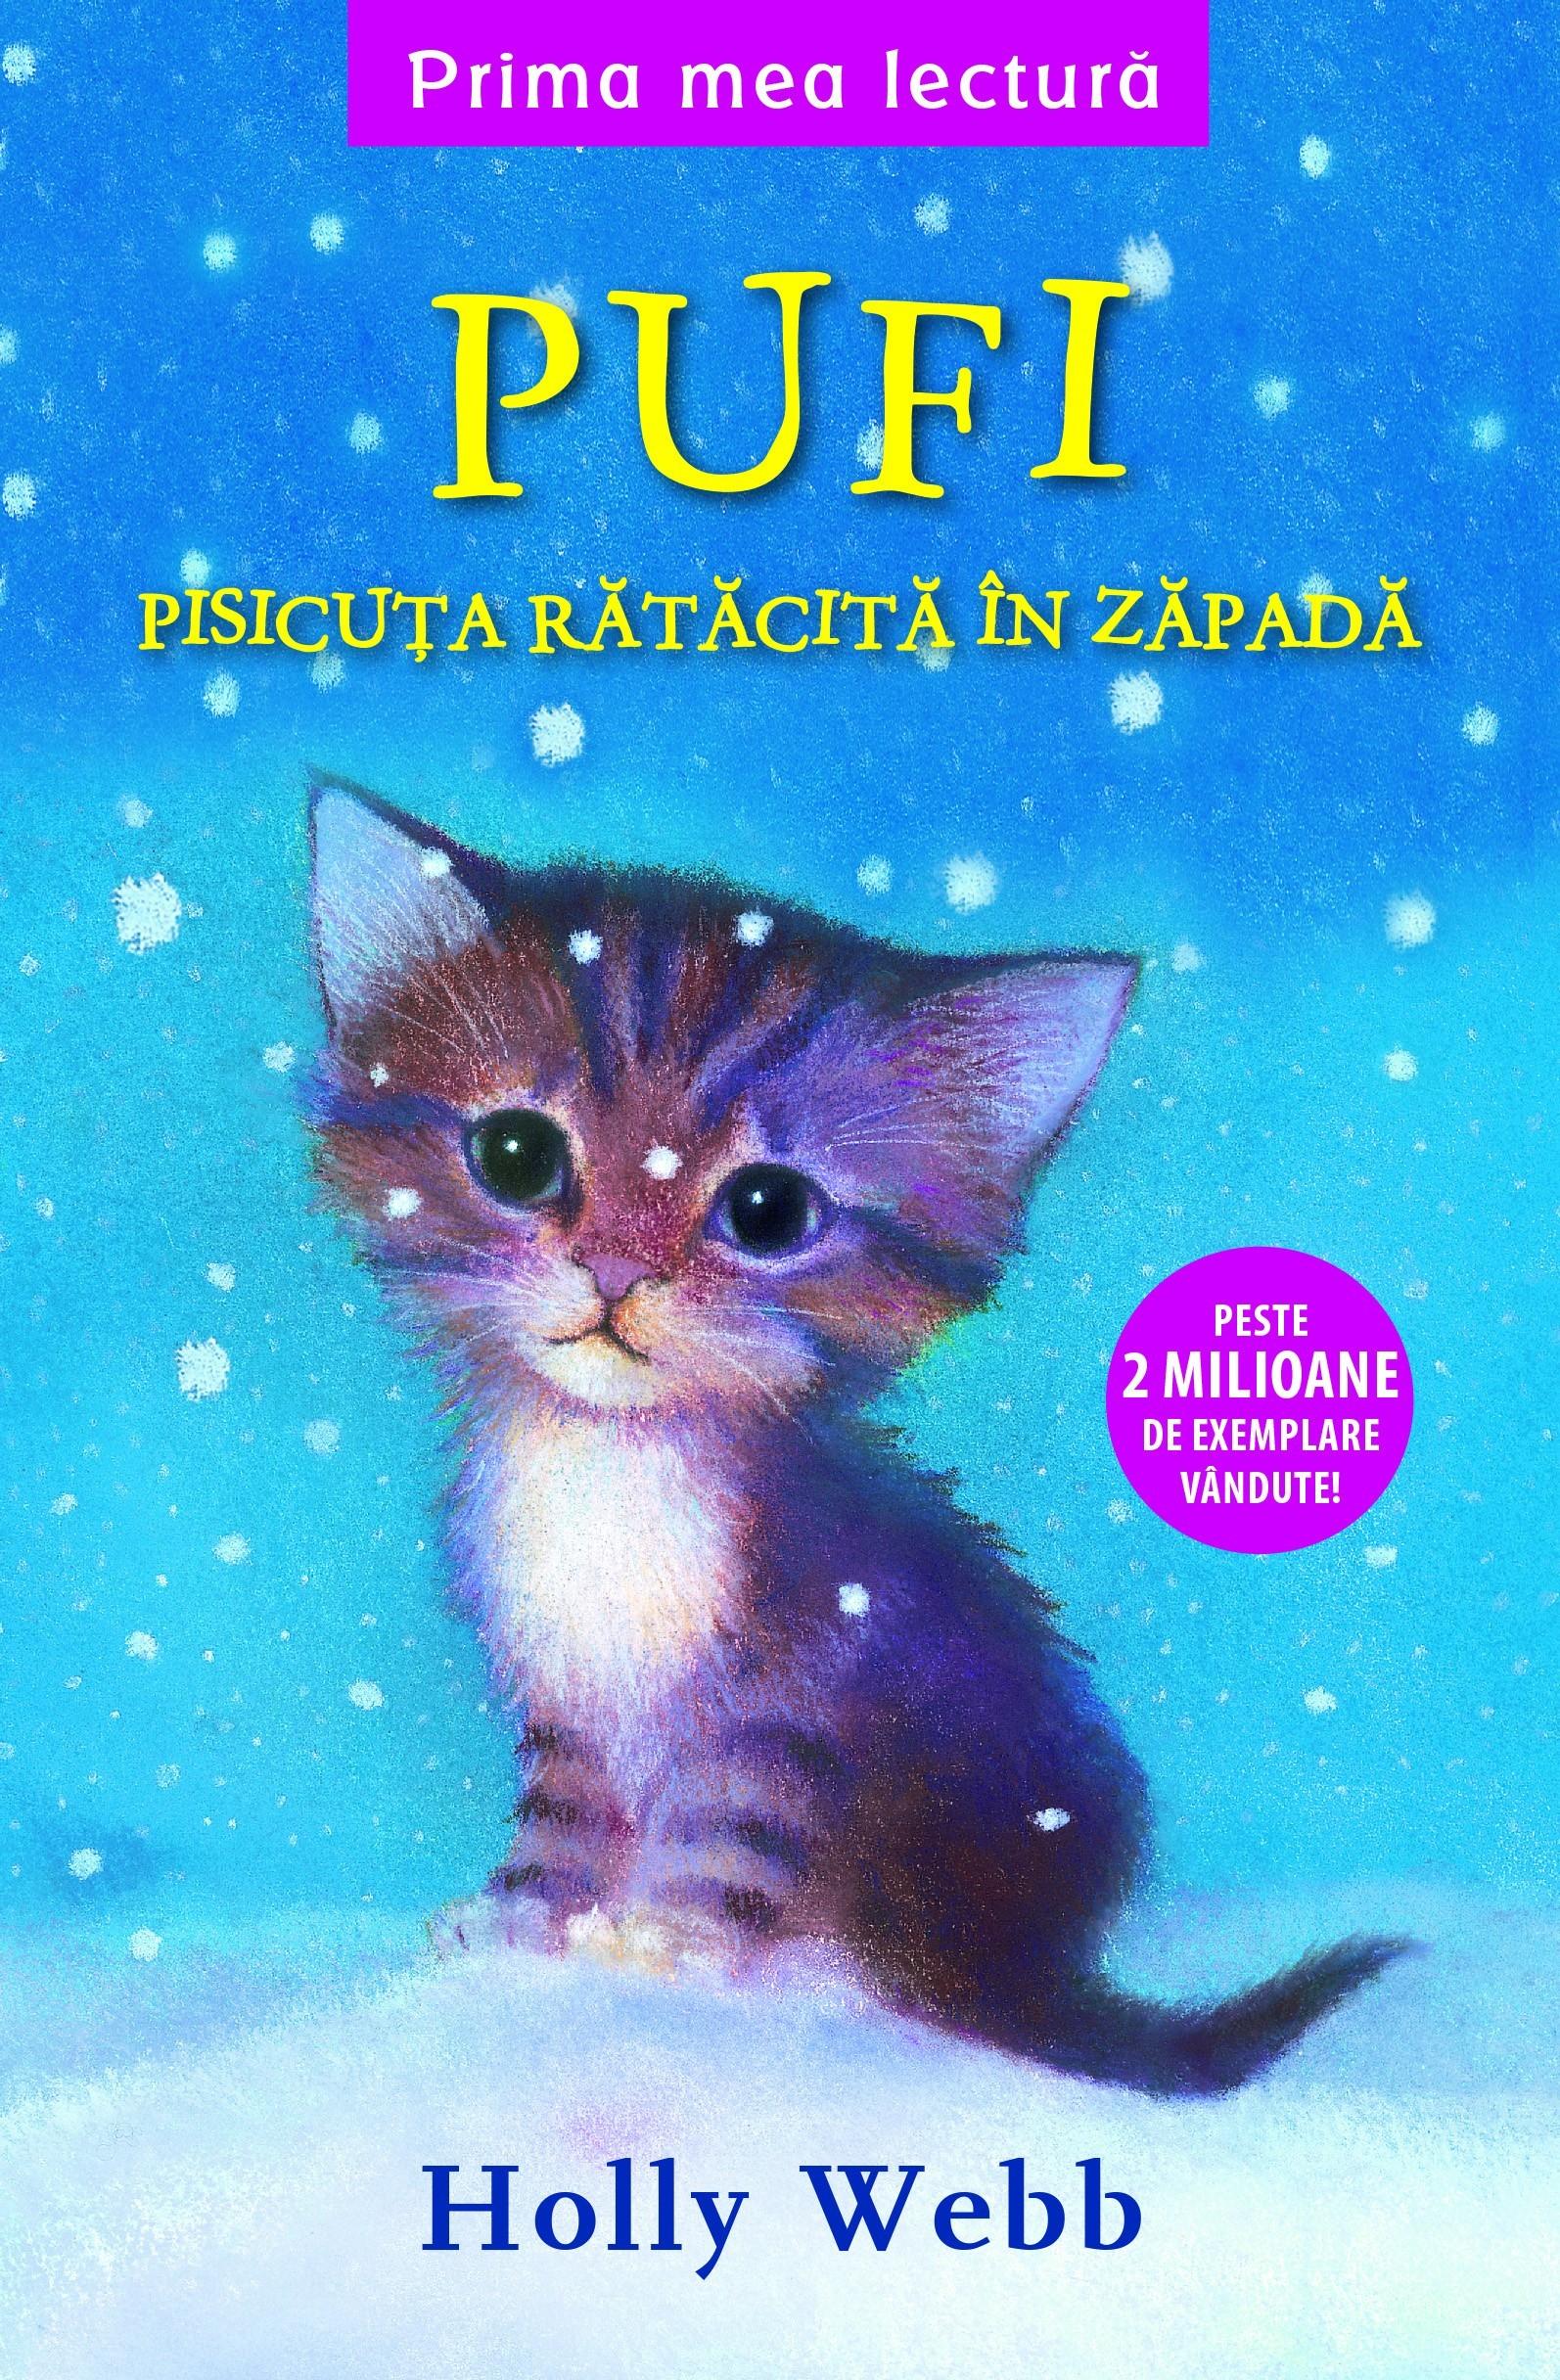 Pufi pisicuța rătăcită în zăpadă